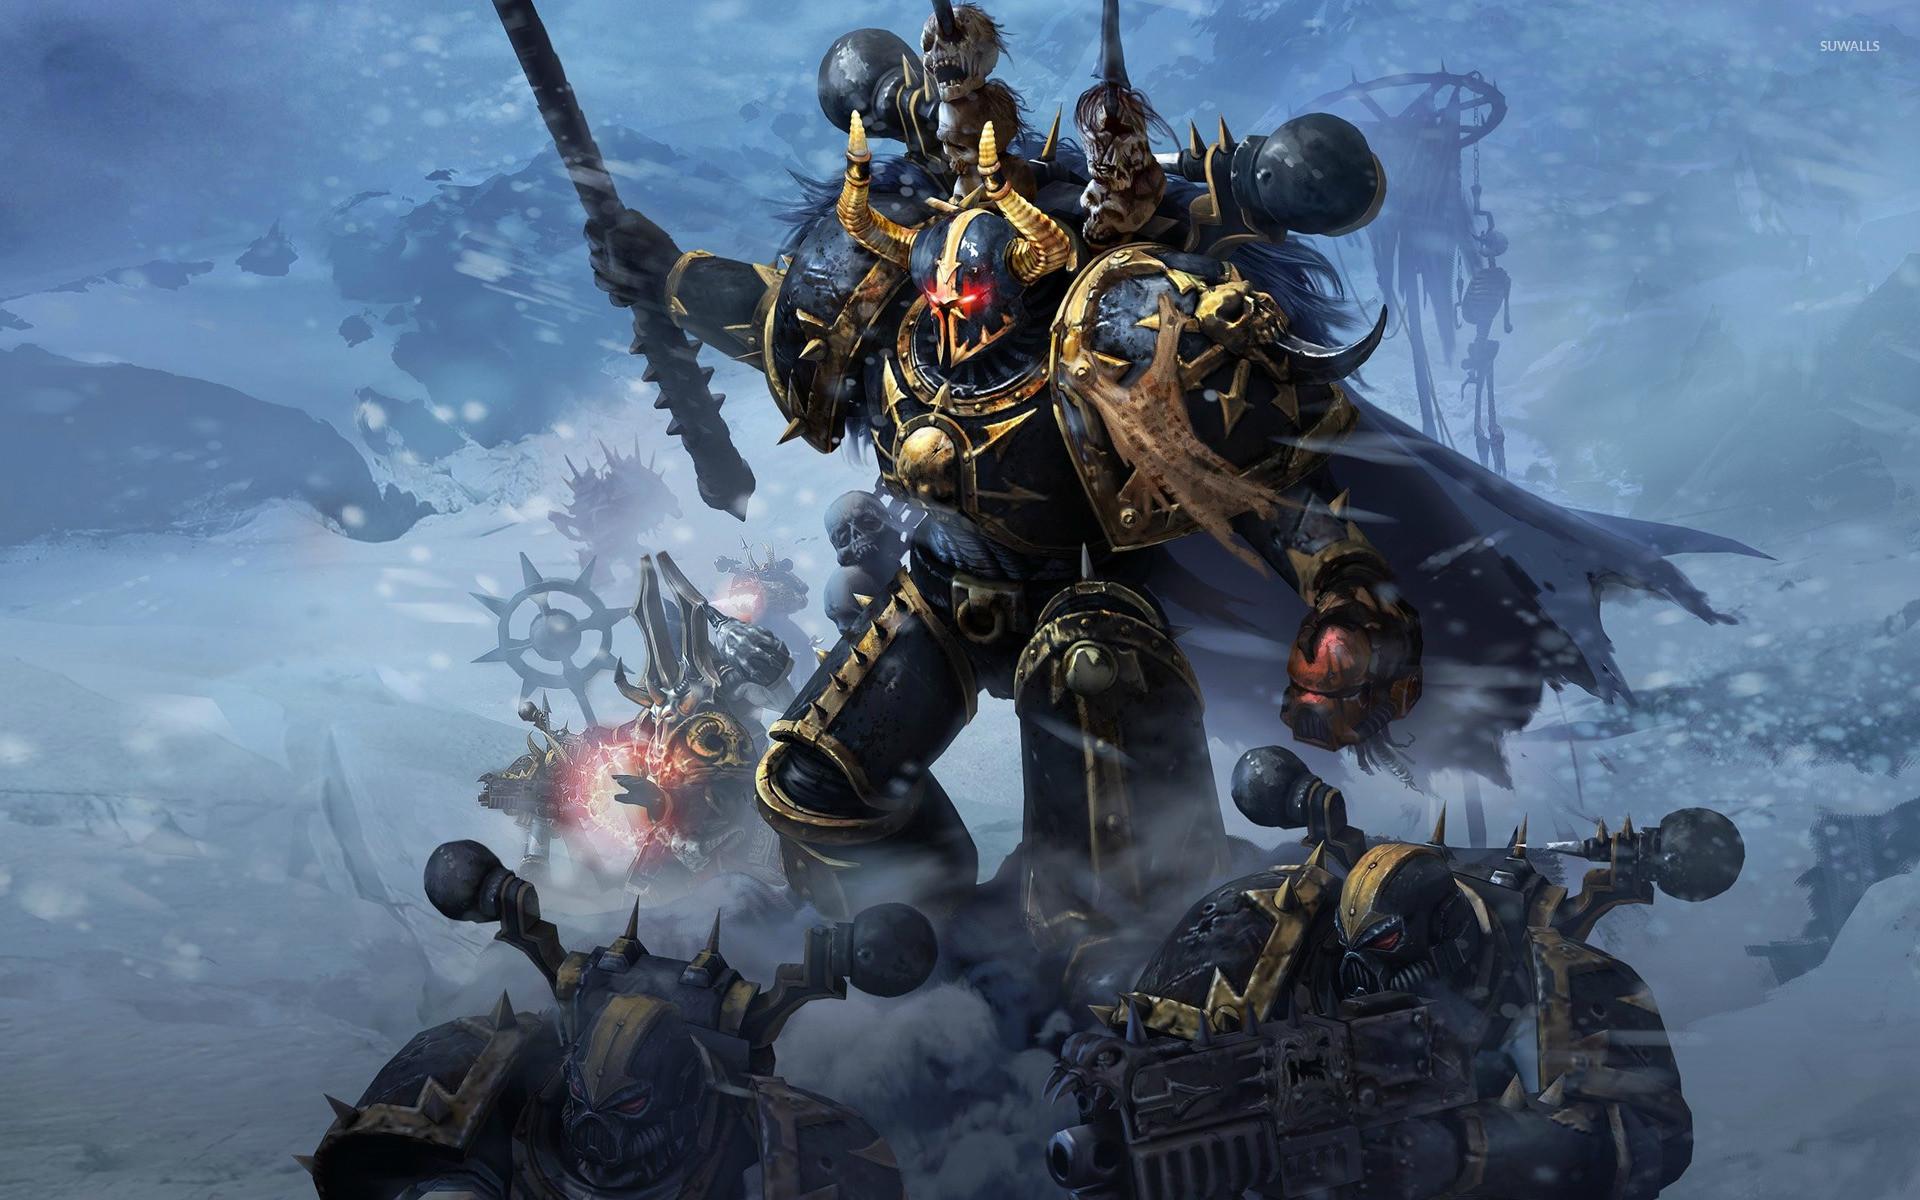 Warhammer 40k Space Marine Wallpaper Warhammer 40,000: space marine